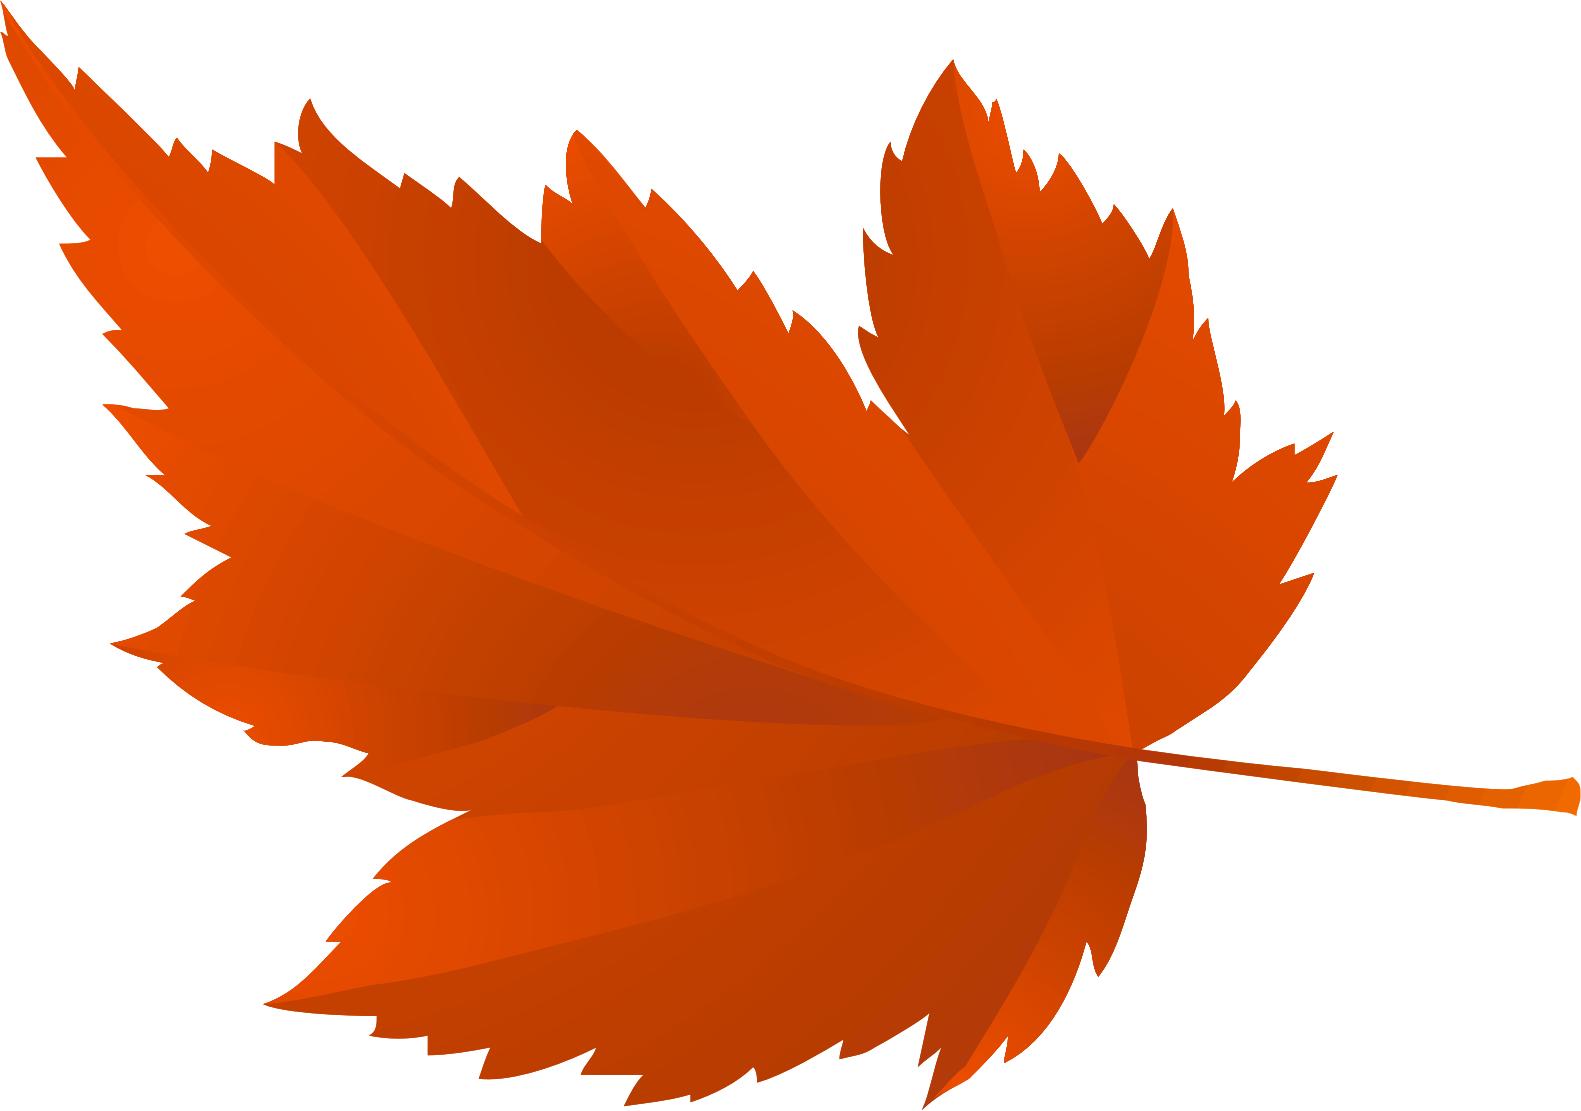 Картинки осень листья для детей, сегодня выходной найти